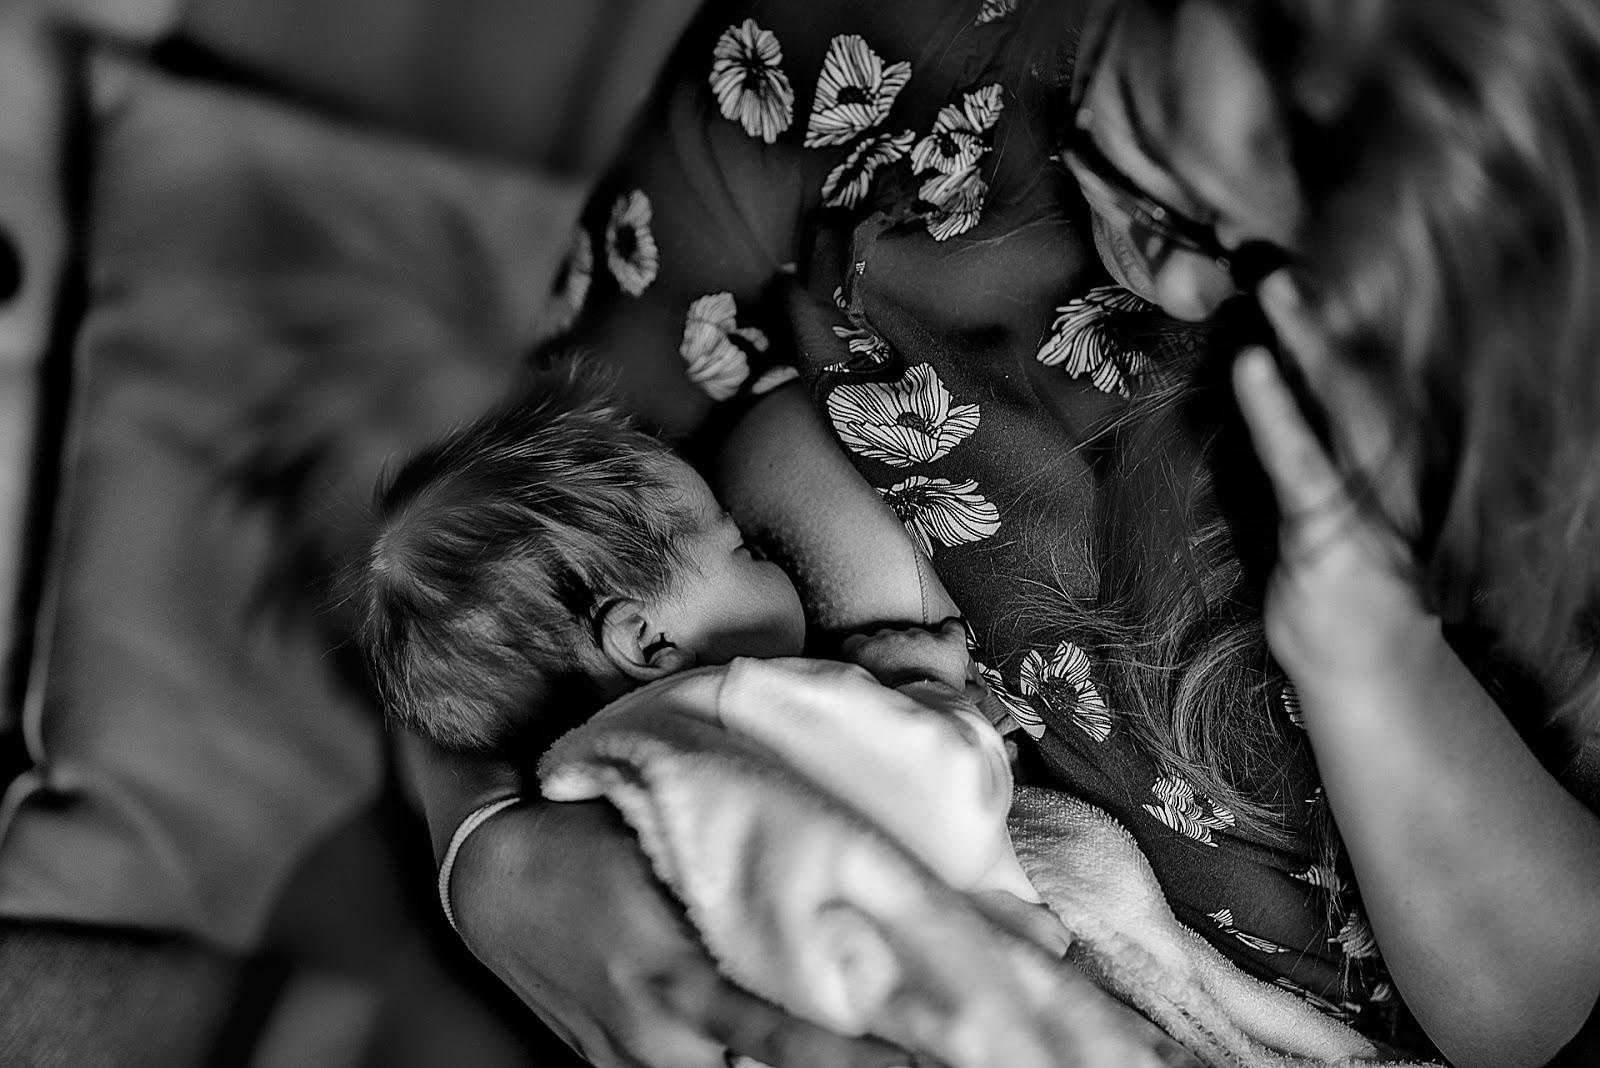 beneficios de la lactancia materna a corto mediano y largo plazo